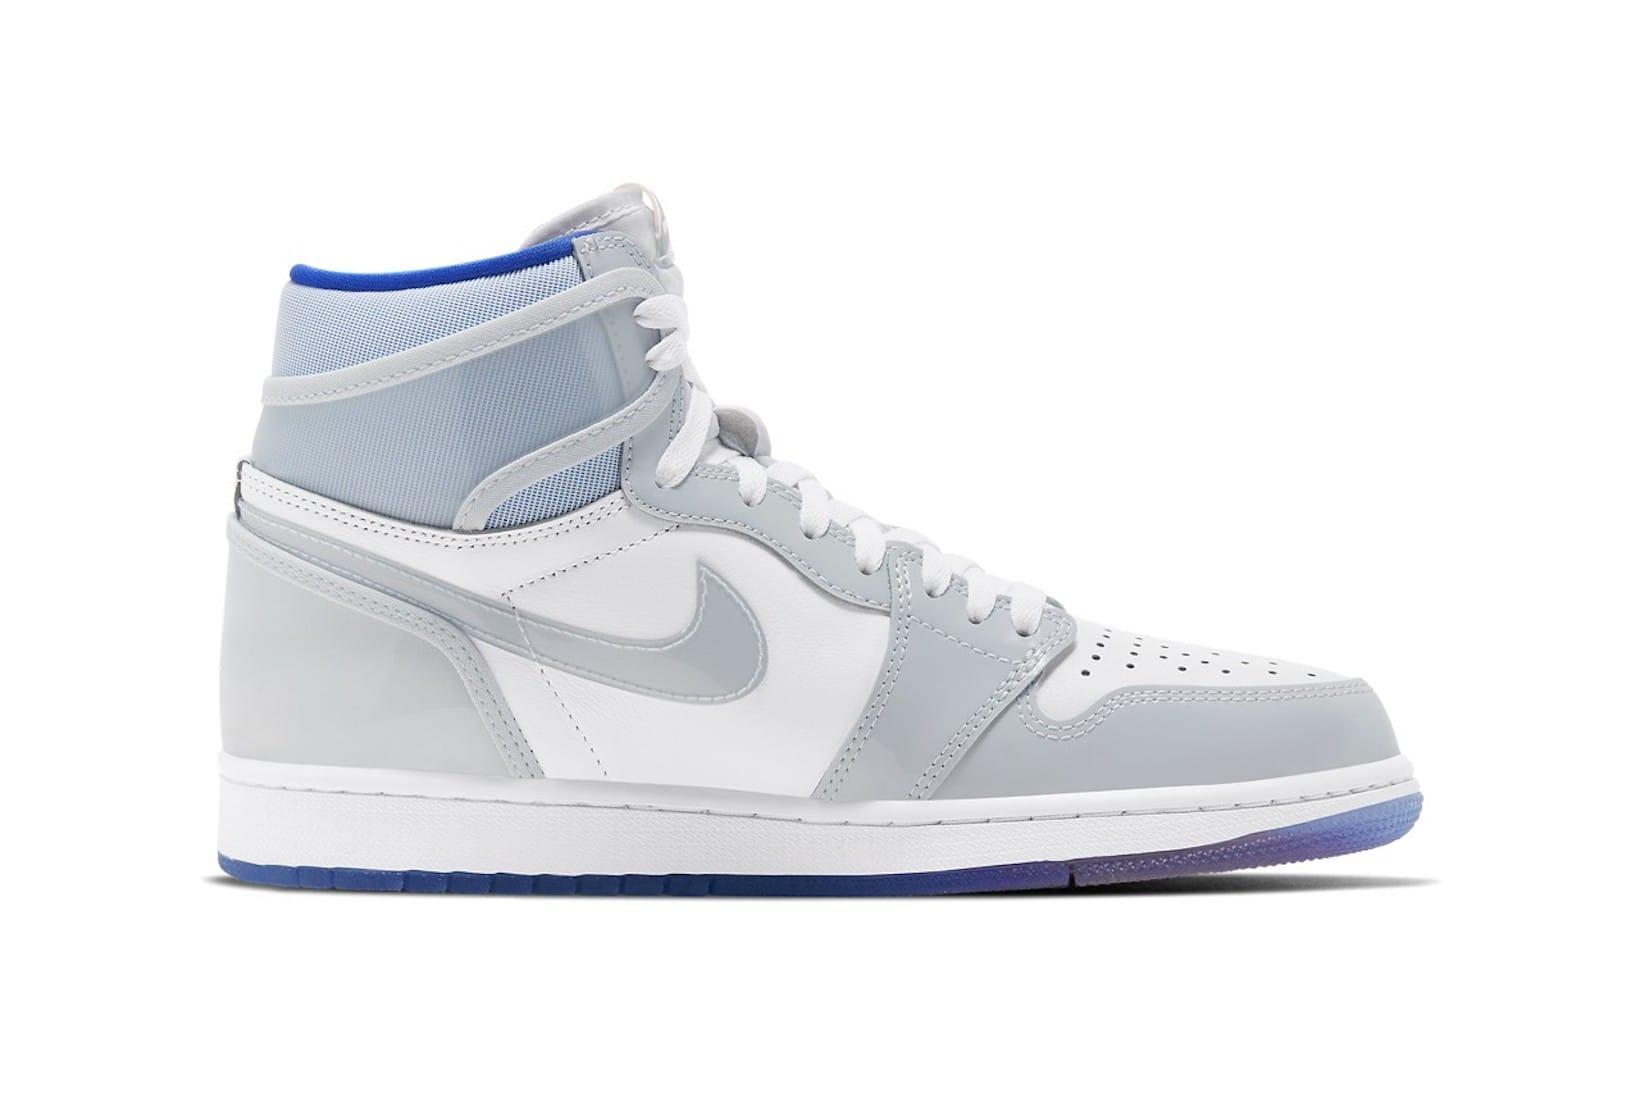 white and blue jordans 1